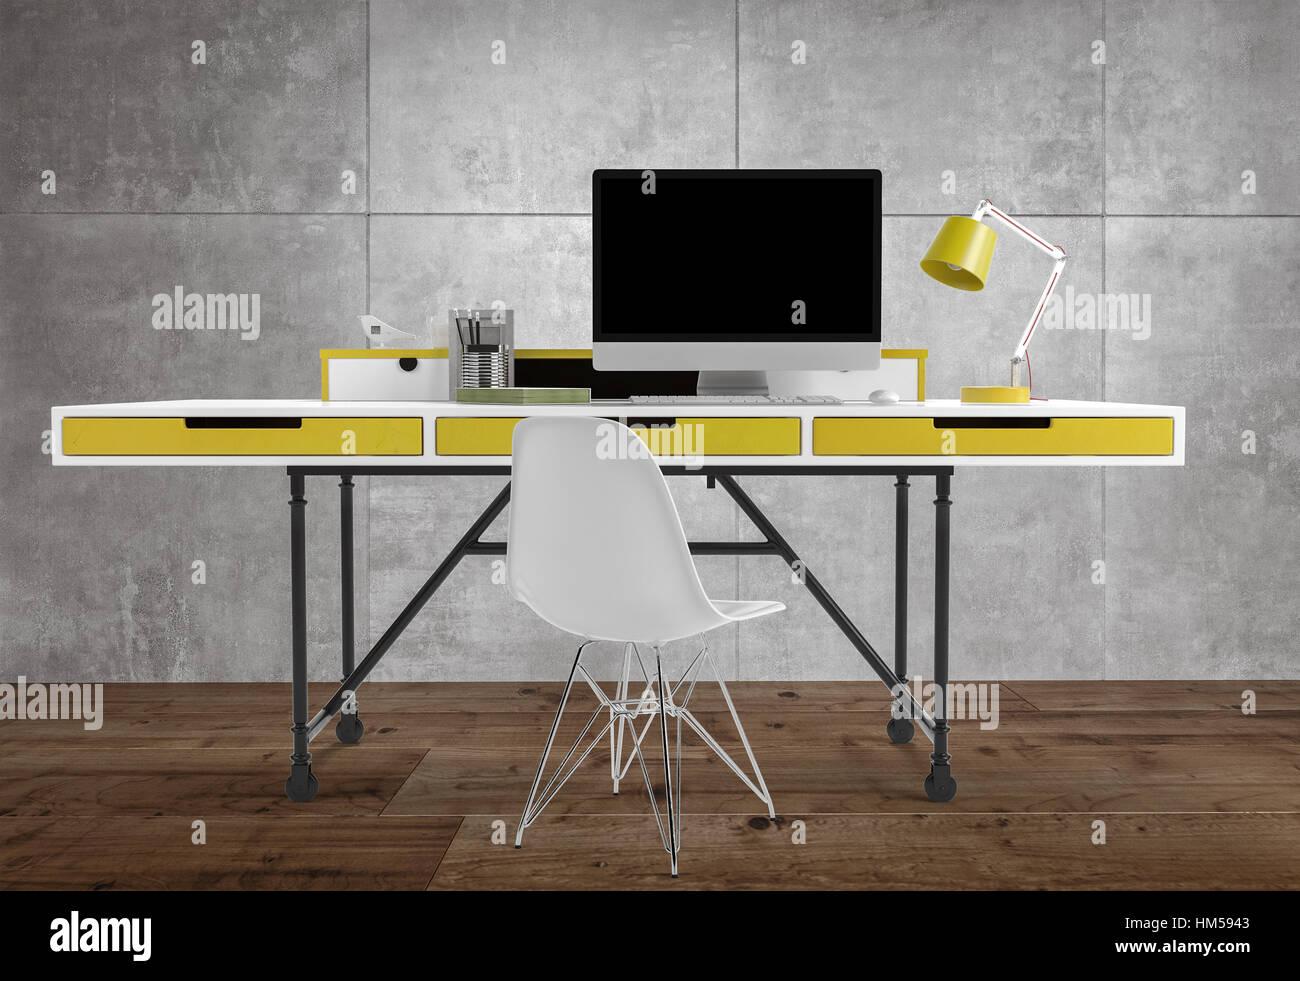 Scrivania da ufficio tavolo per riunioni annunci milano